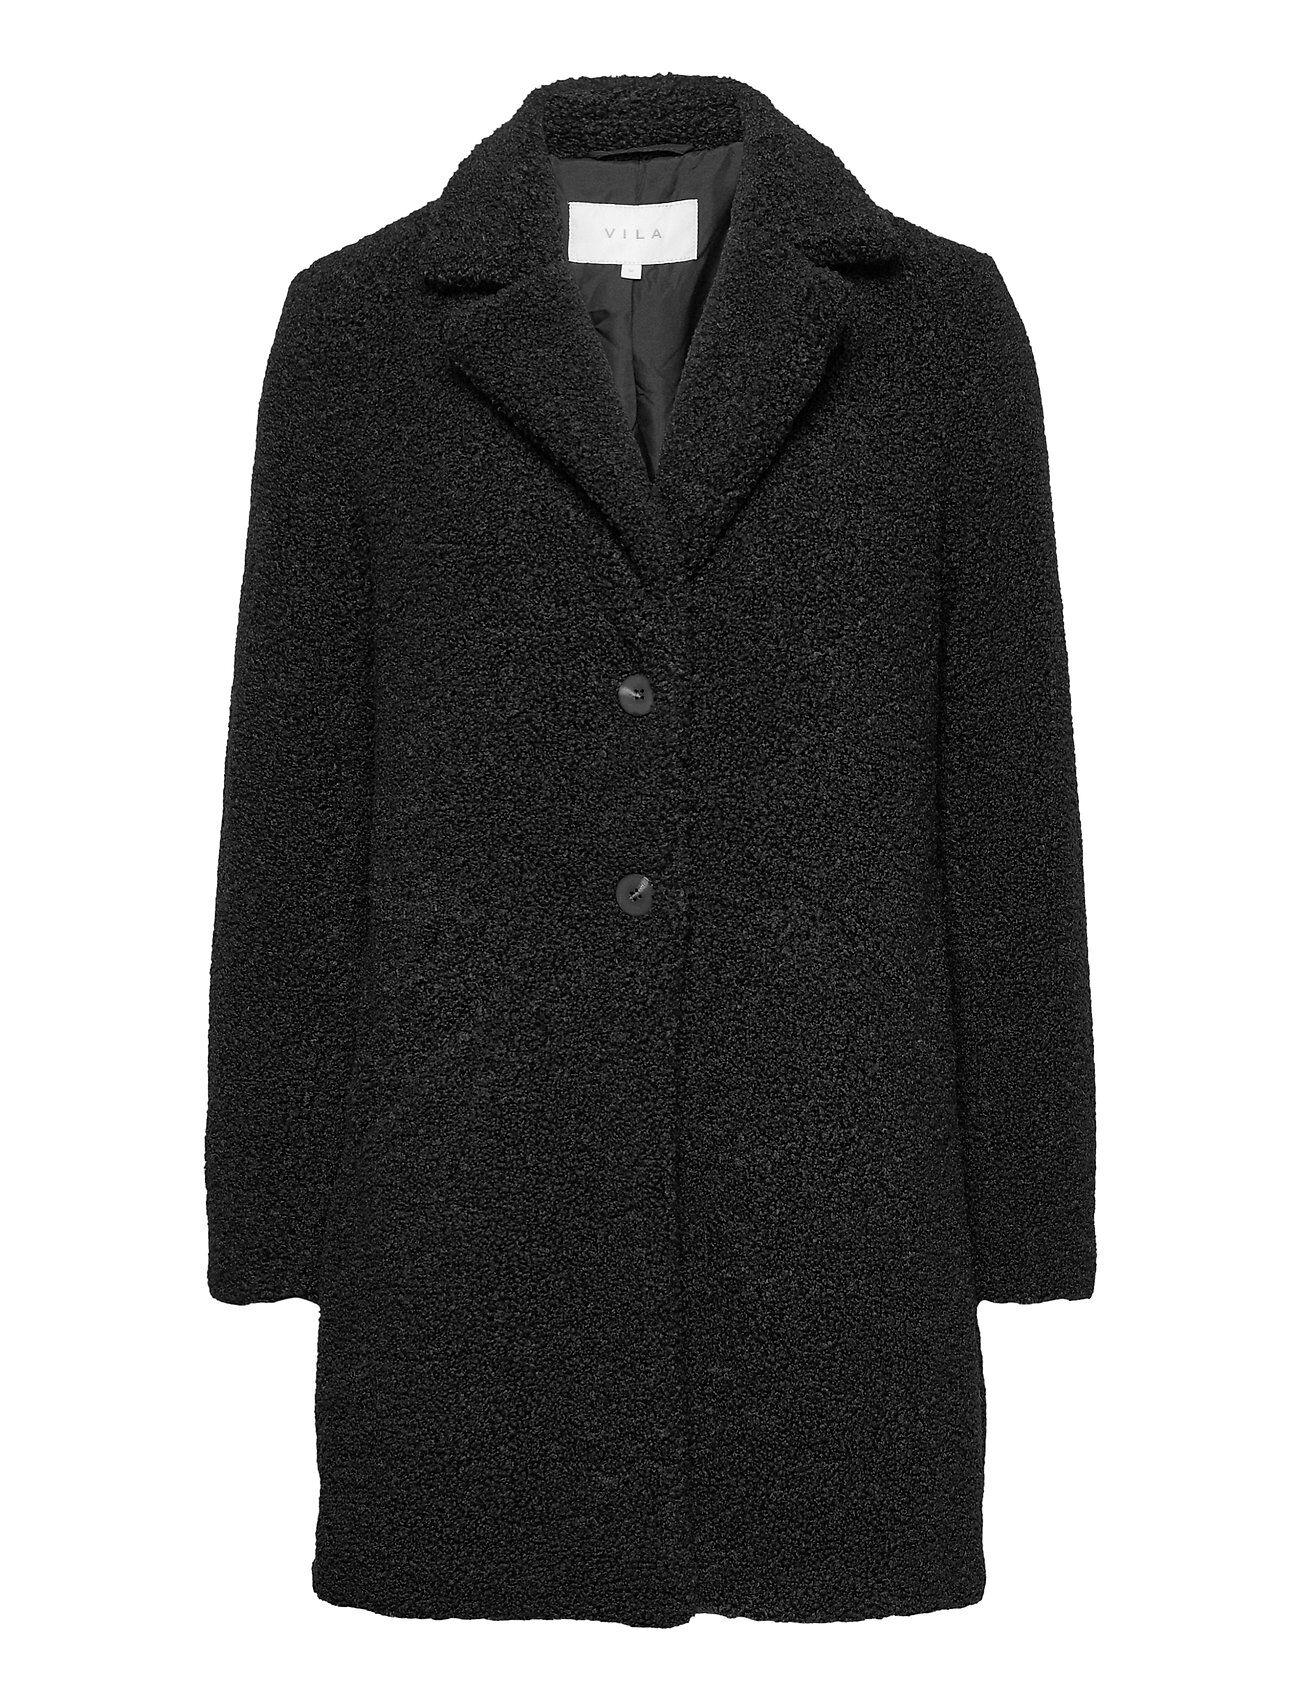 Vila Viliosi Teddy Coat/Su - Noos Outerwear Faux Fur Musta Vila